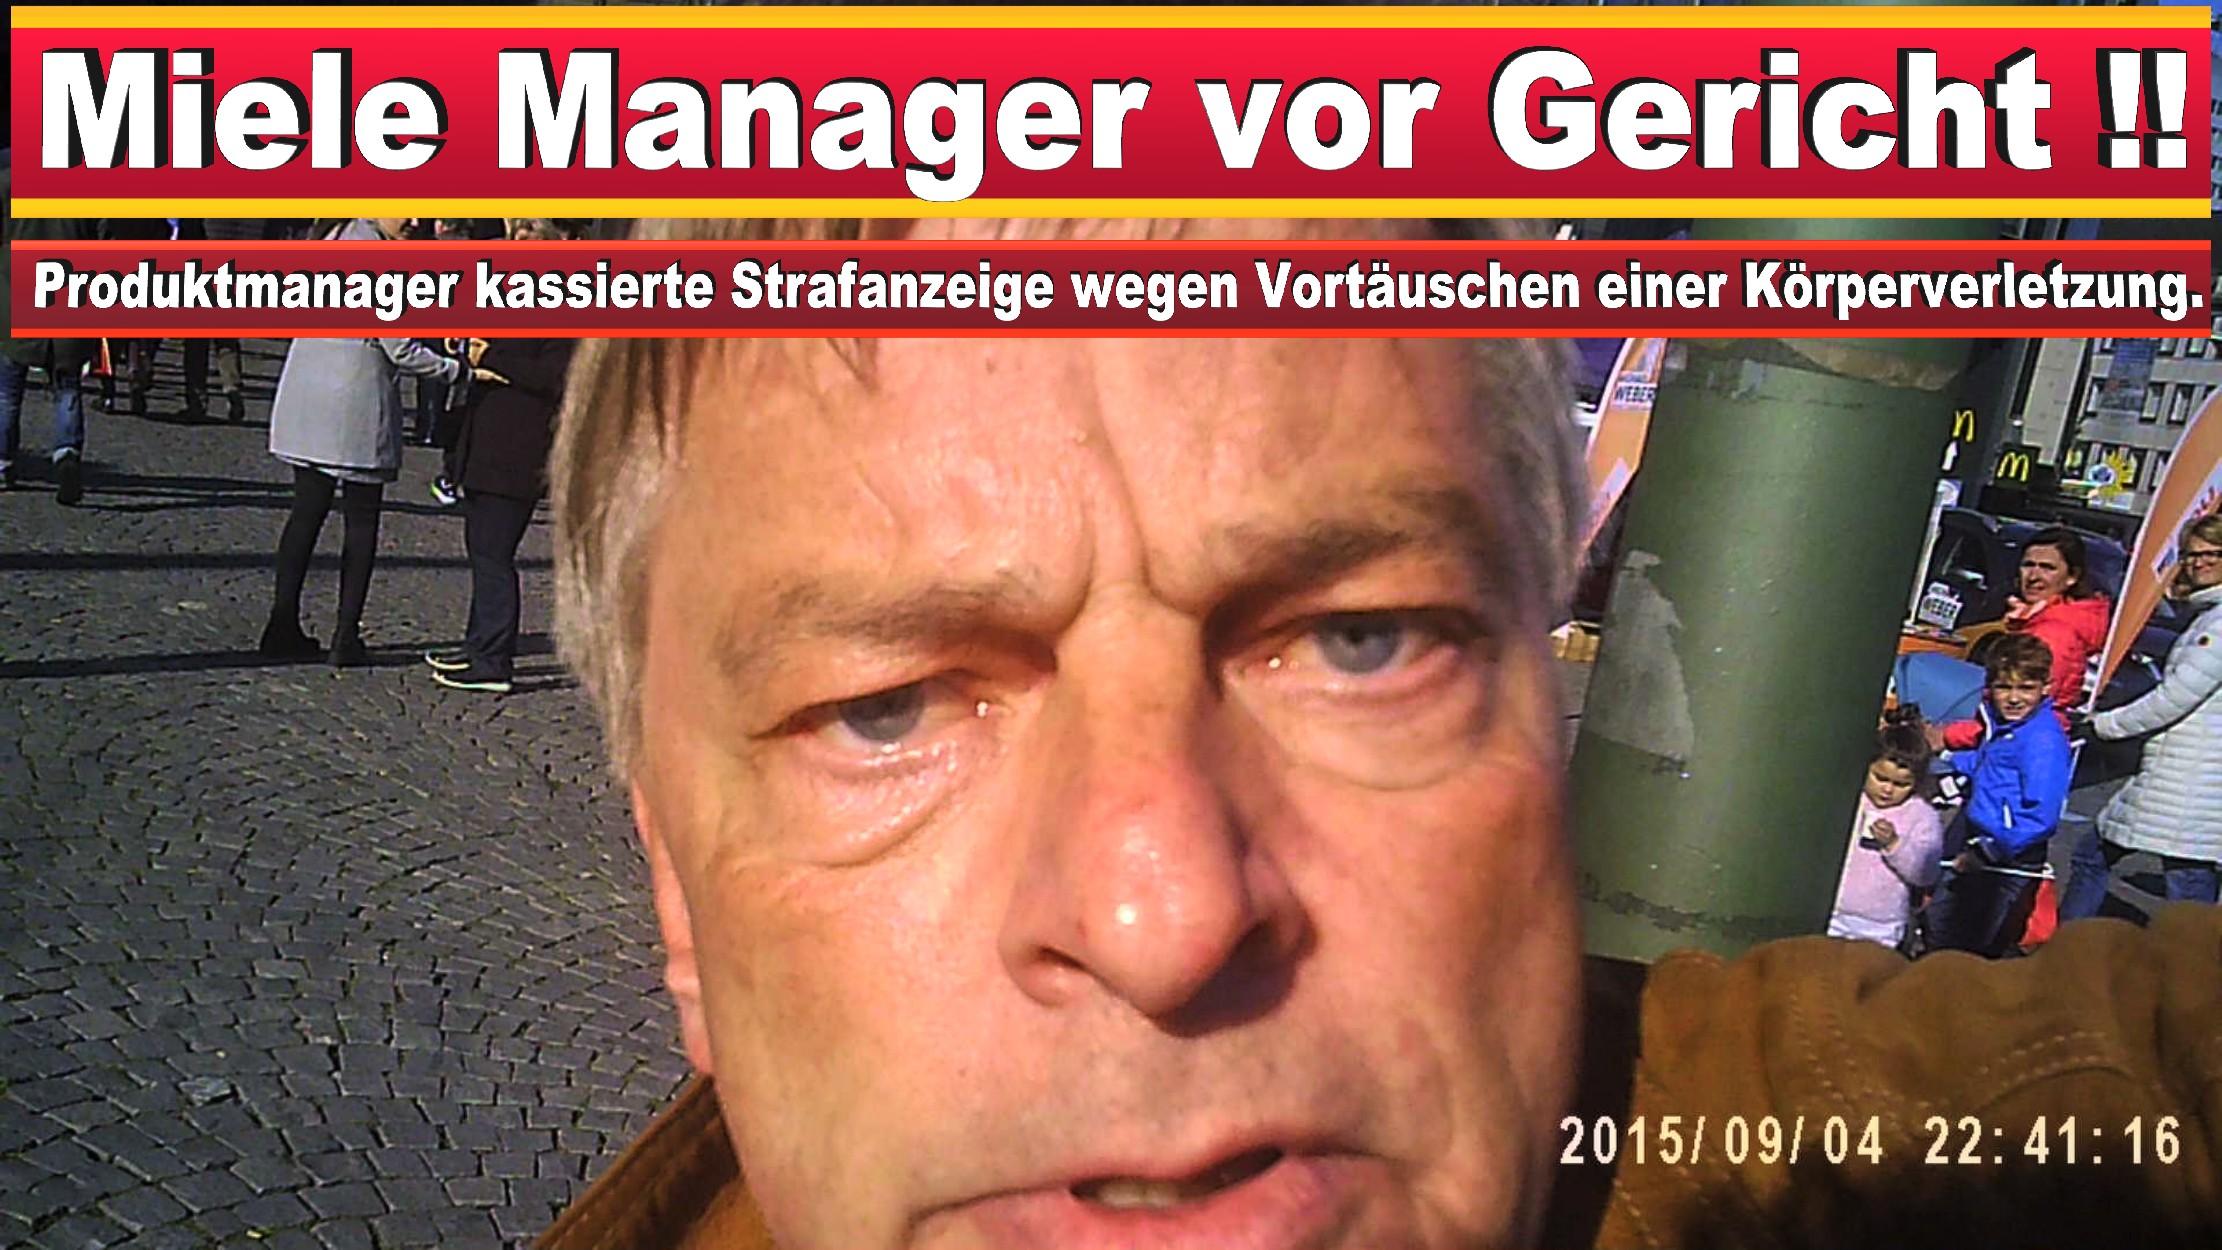 MICHAEL WEBER CDU BIELEFELD GEWALTAUSBRUCH UND STRAFANZEIGE (13)